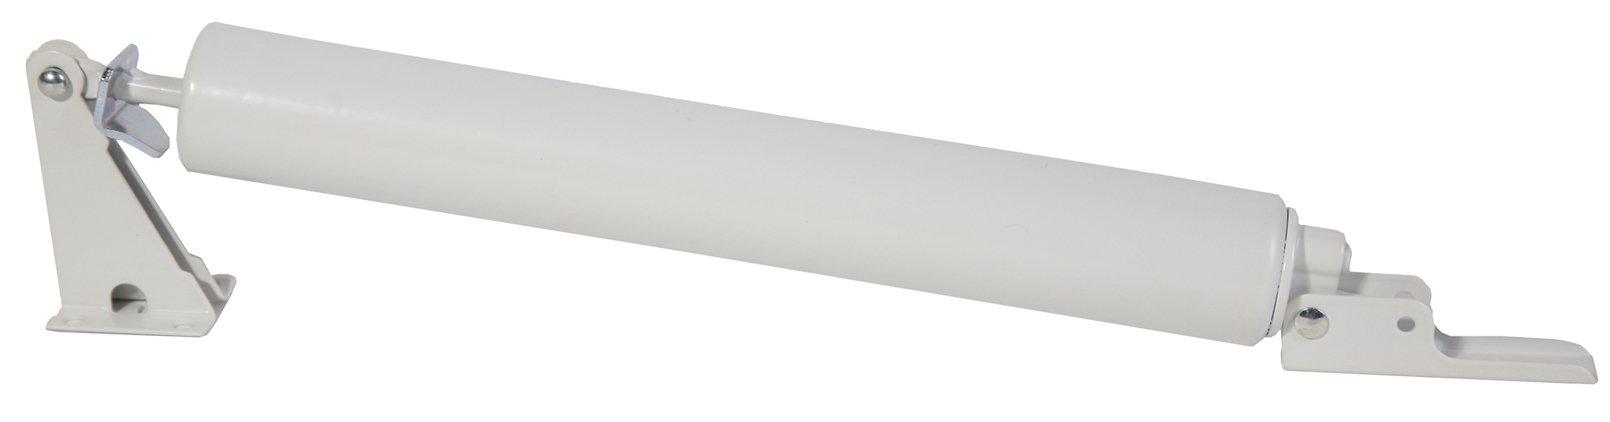 Galvanized Koch 103015 Forged Turnbuckle 1//2-Inch by 6-Inch Eye and Eye